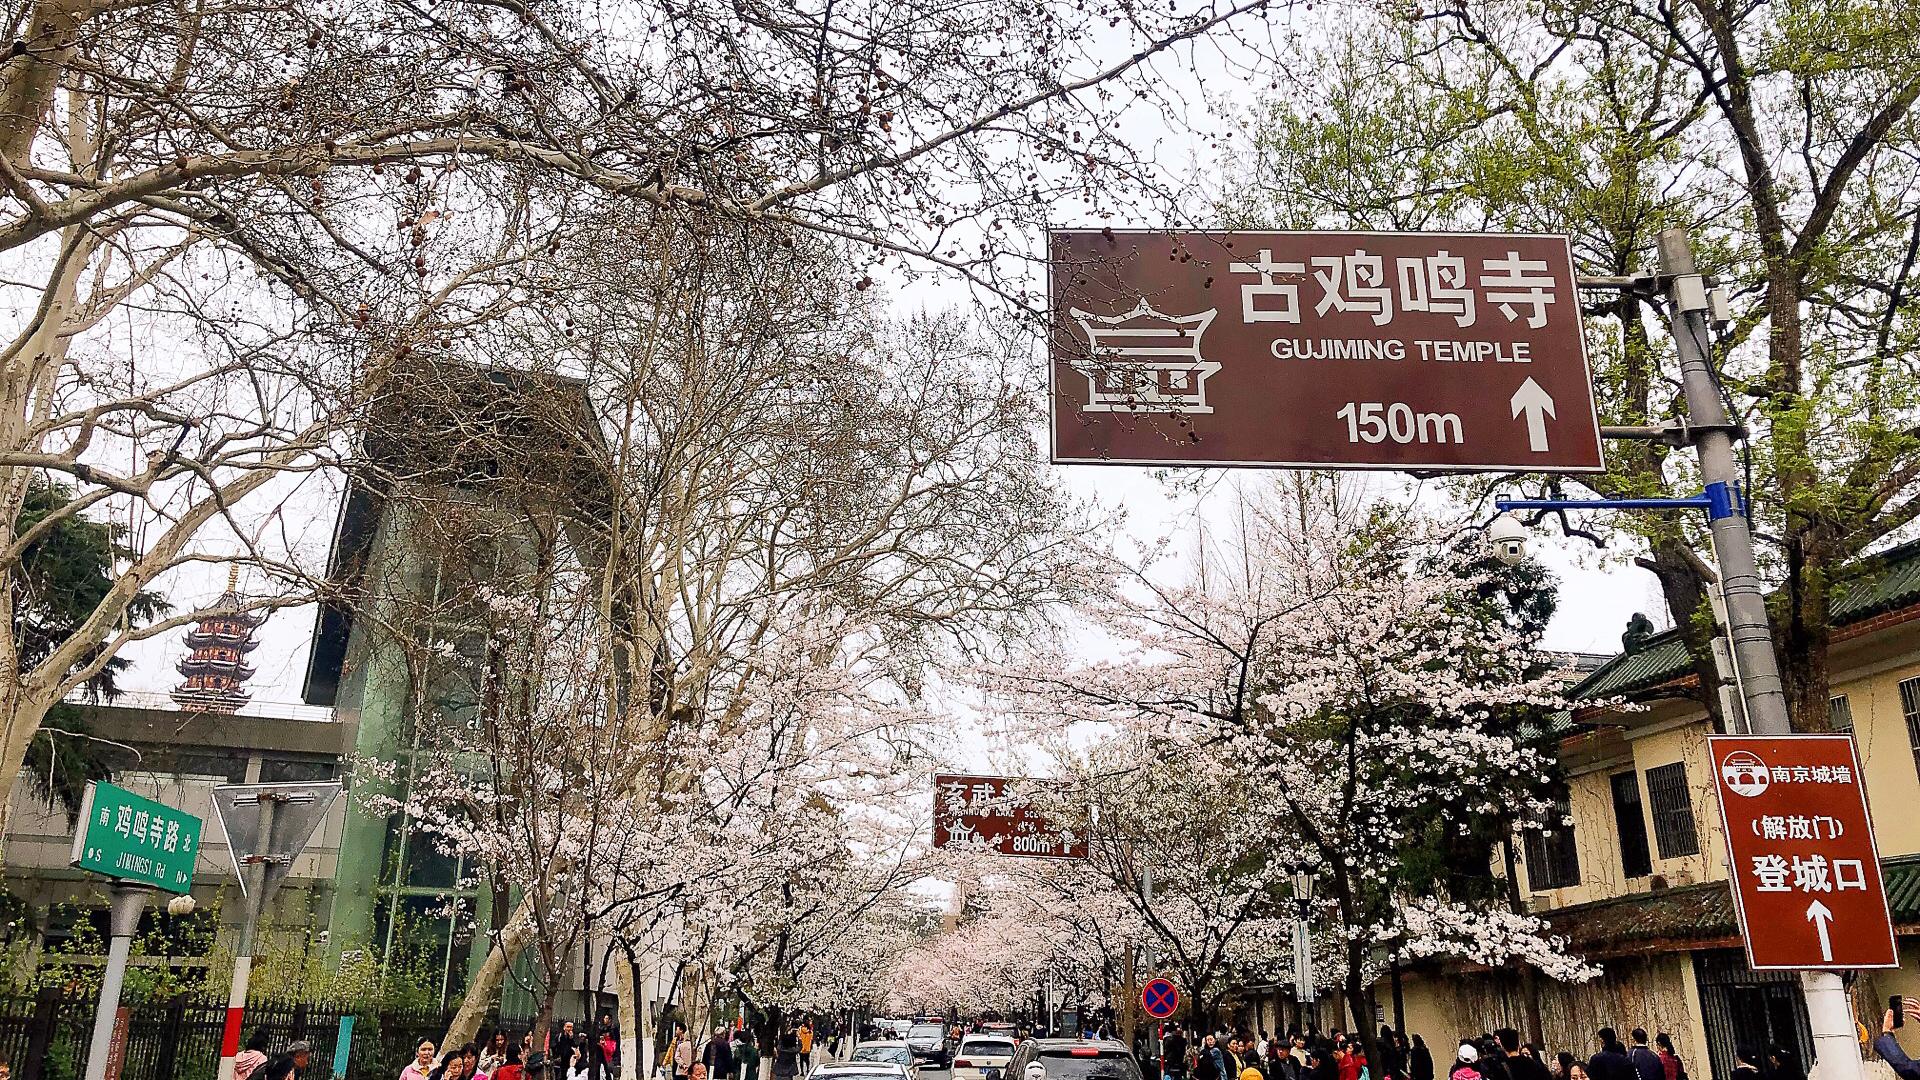 路上全是樱花!南京这条赏樱线路,才是国内赏花极品